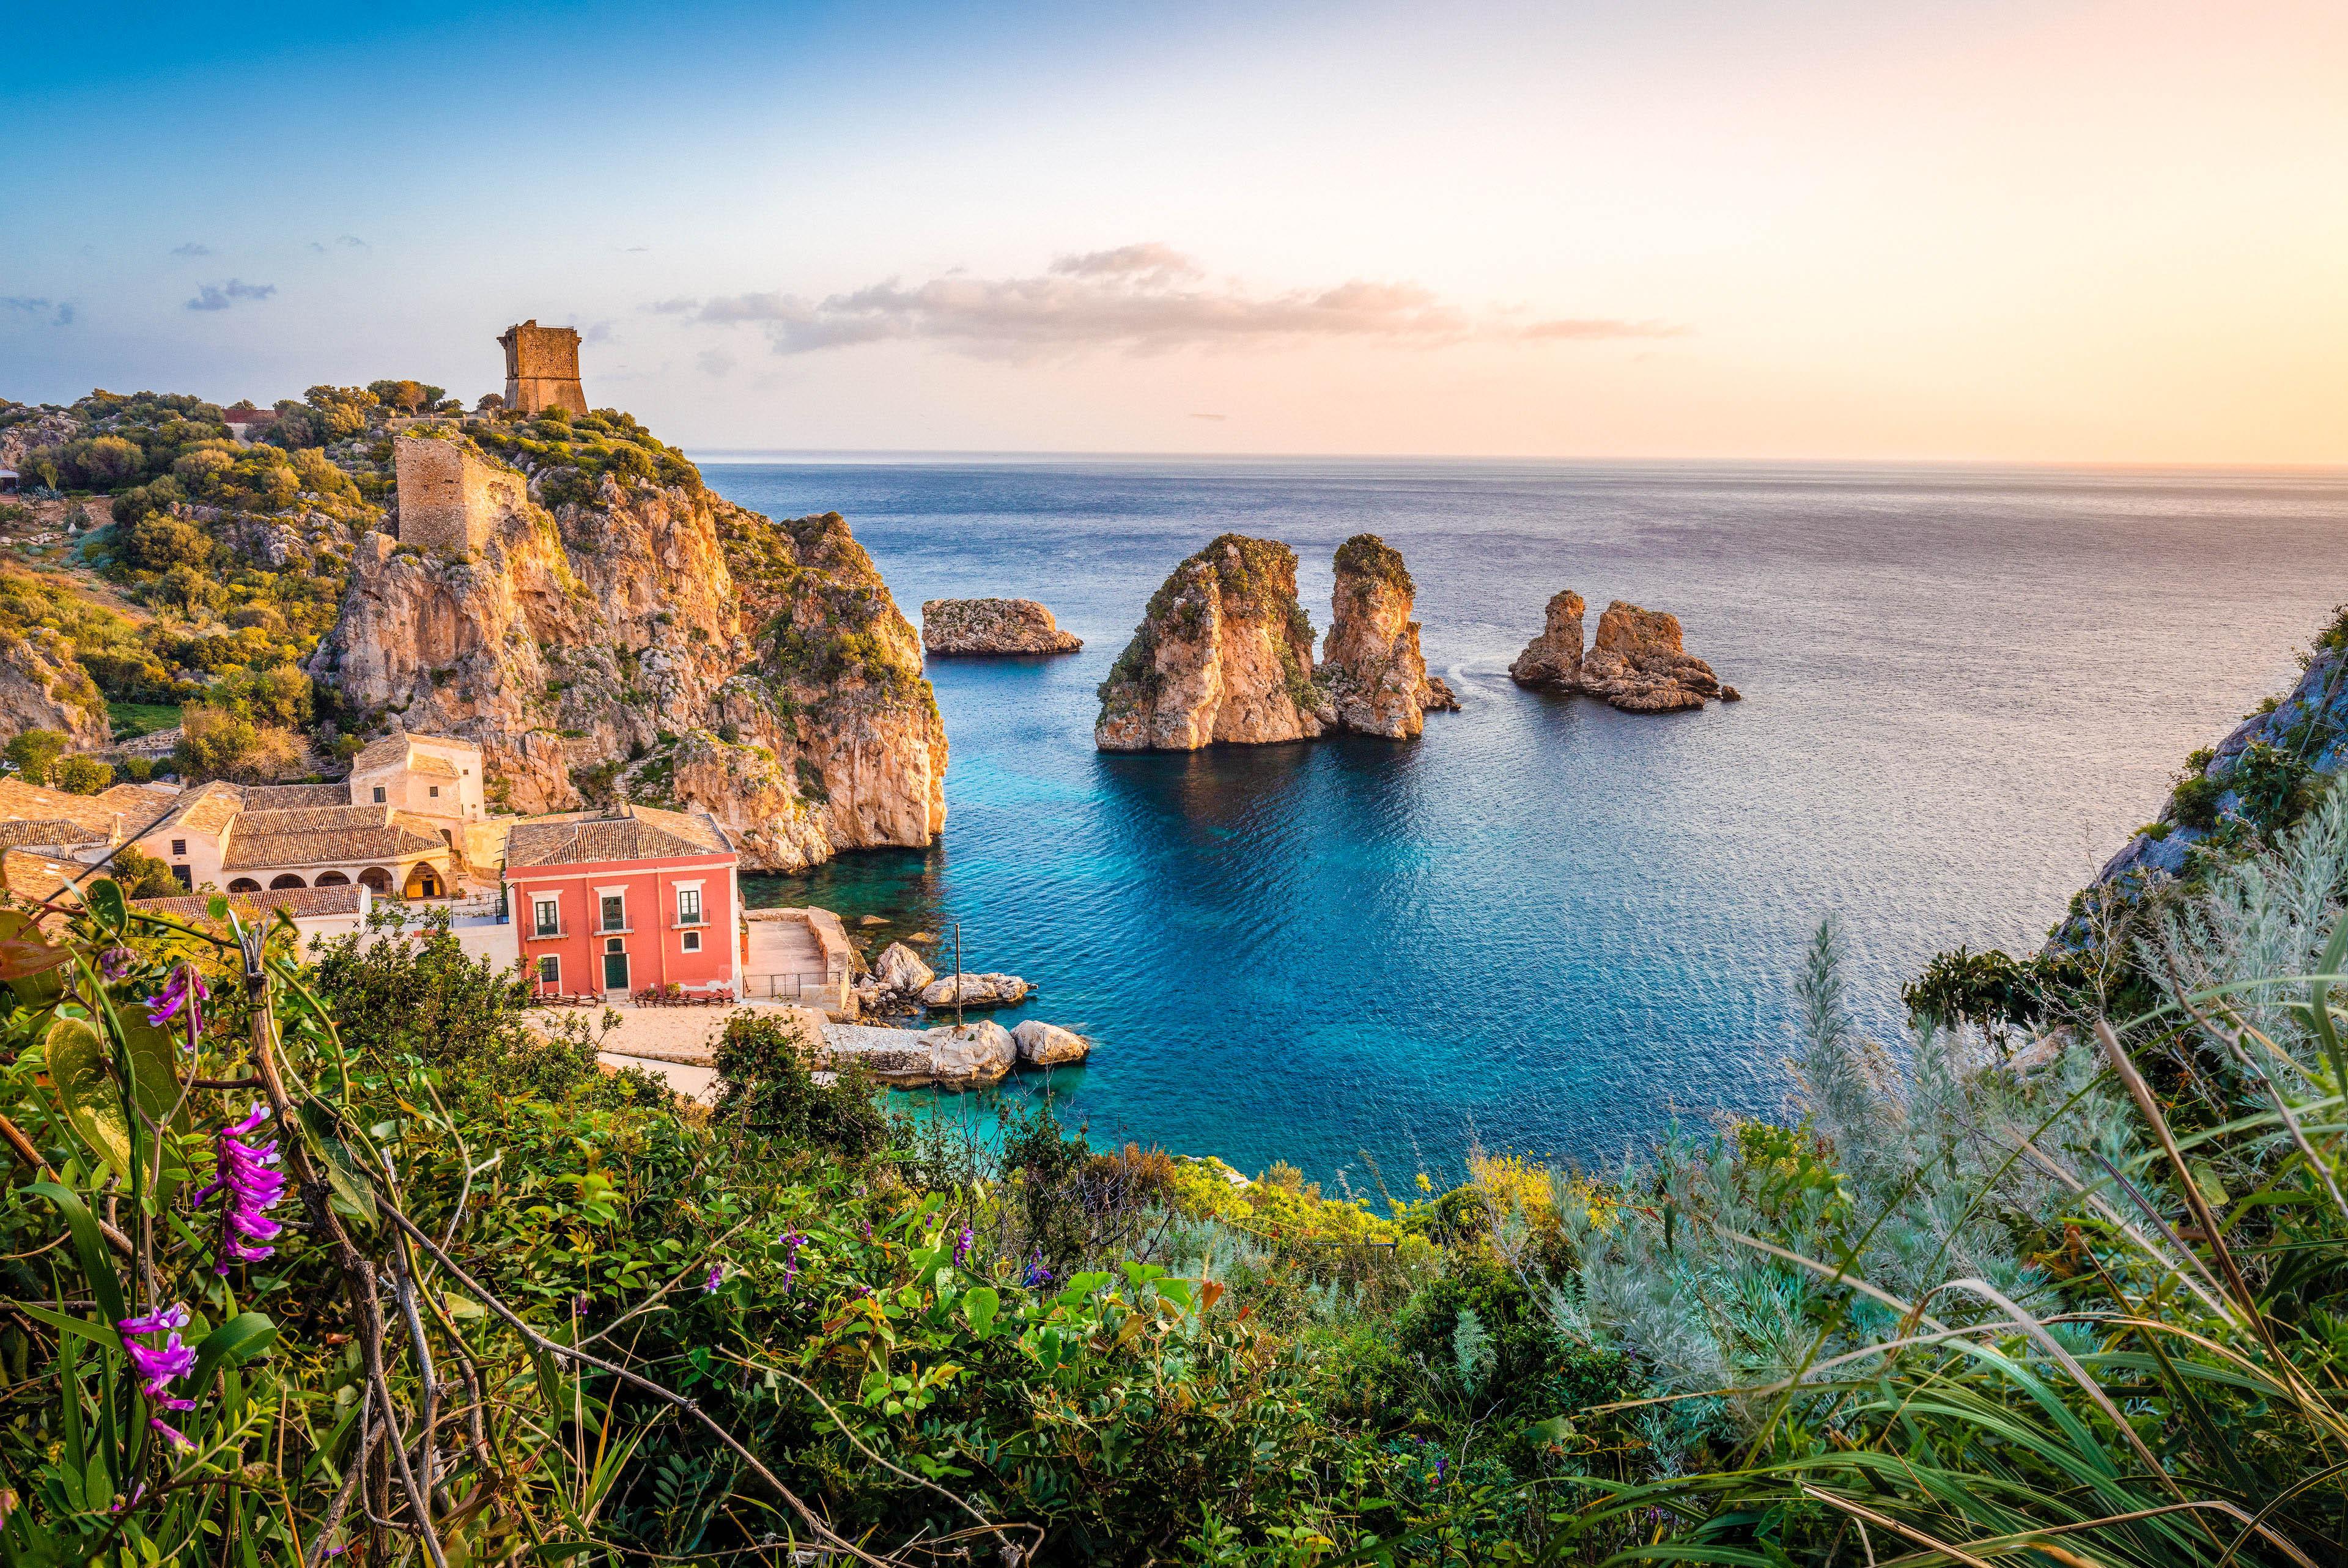 Італія Сицилія вид на море